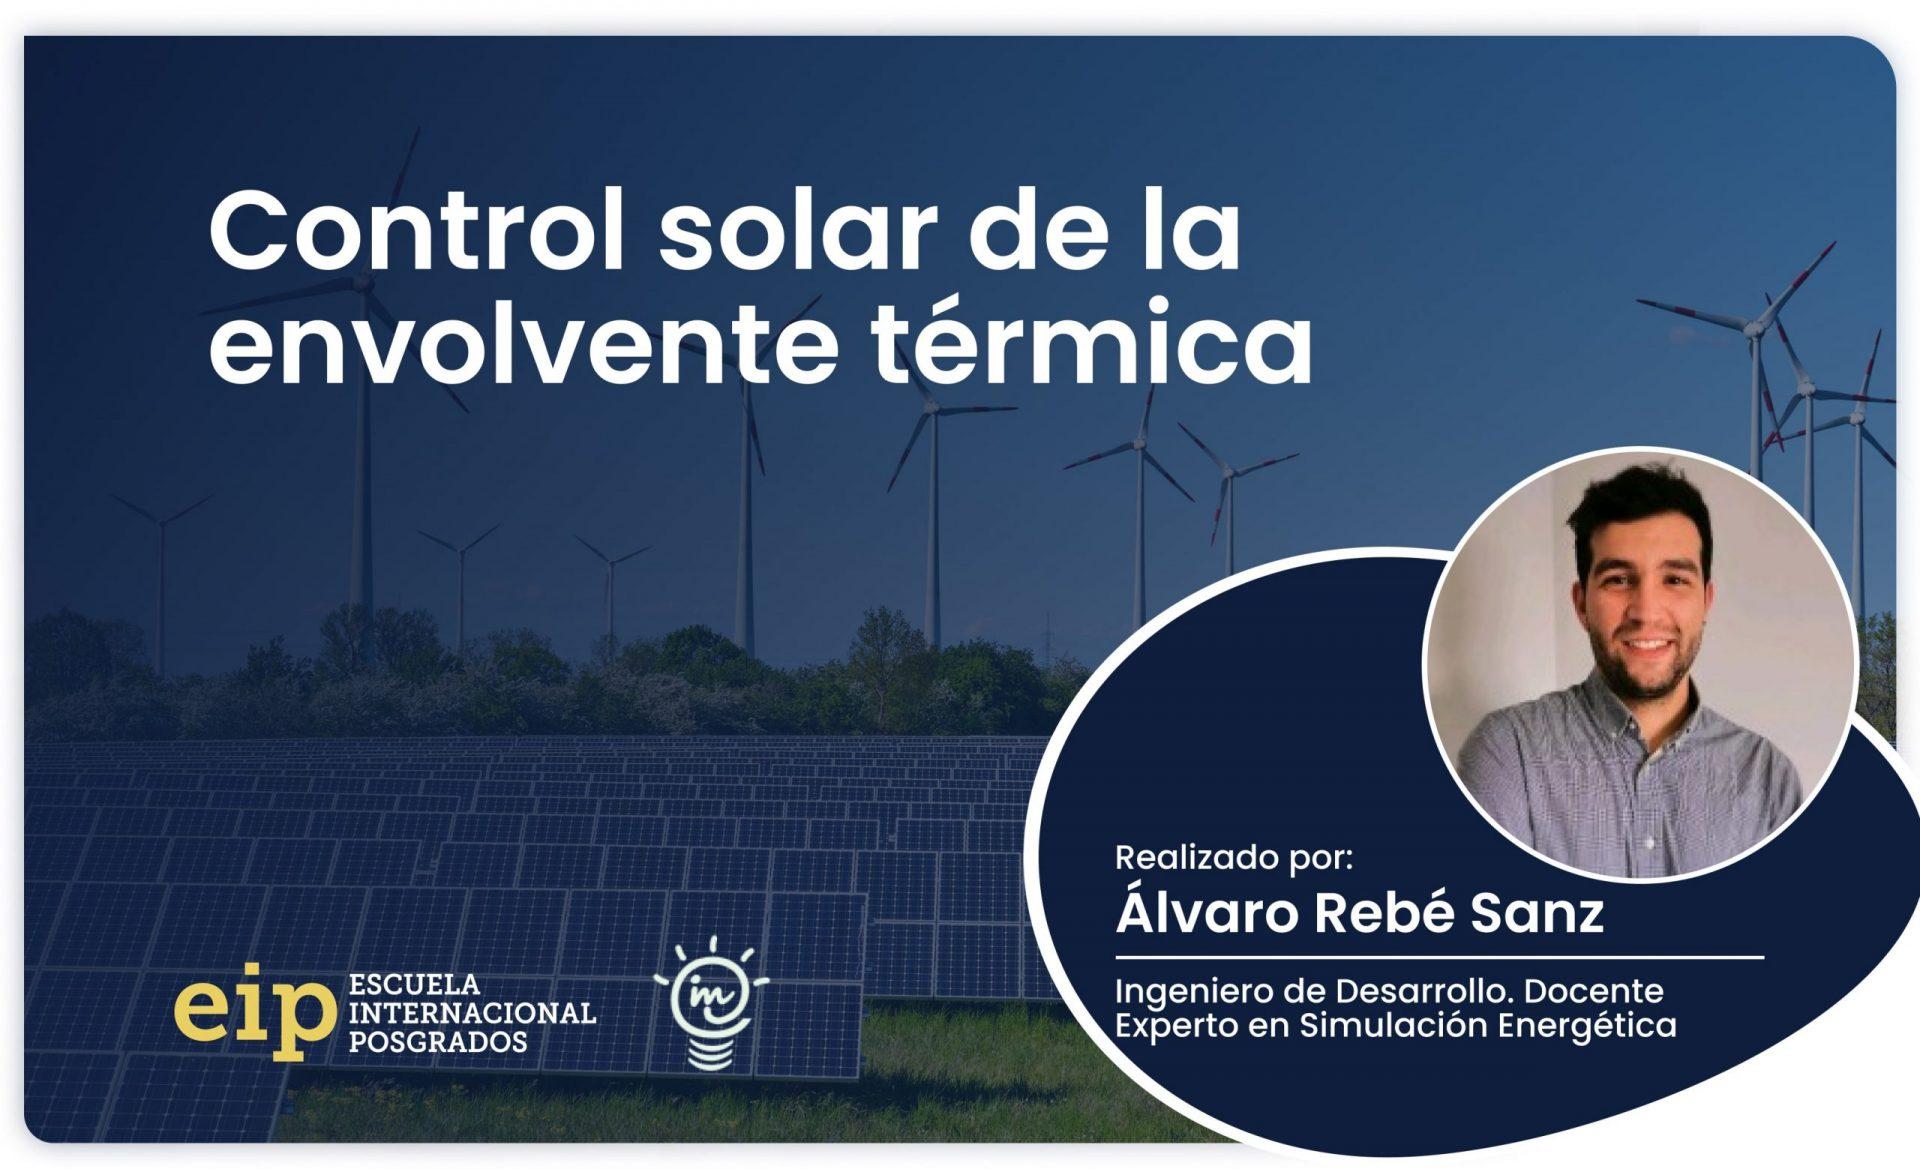 Control solar de la envolvente térmica min scaled